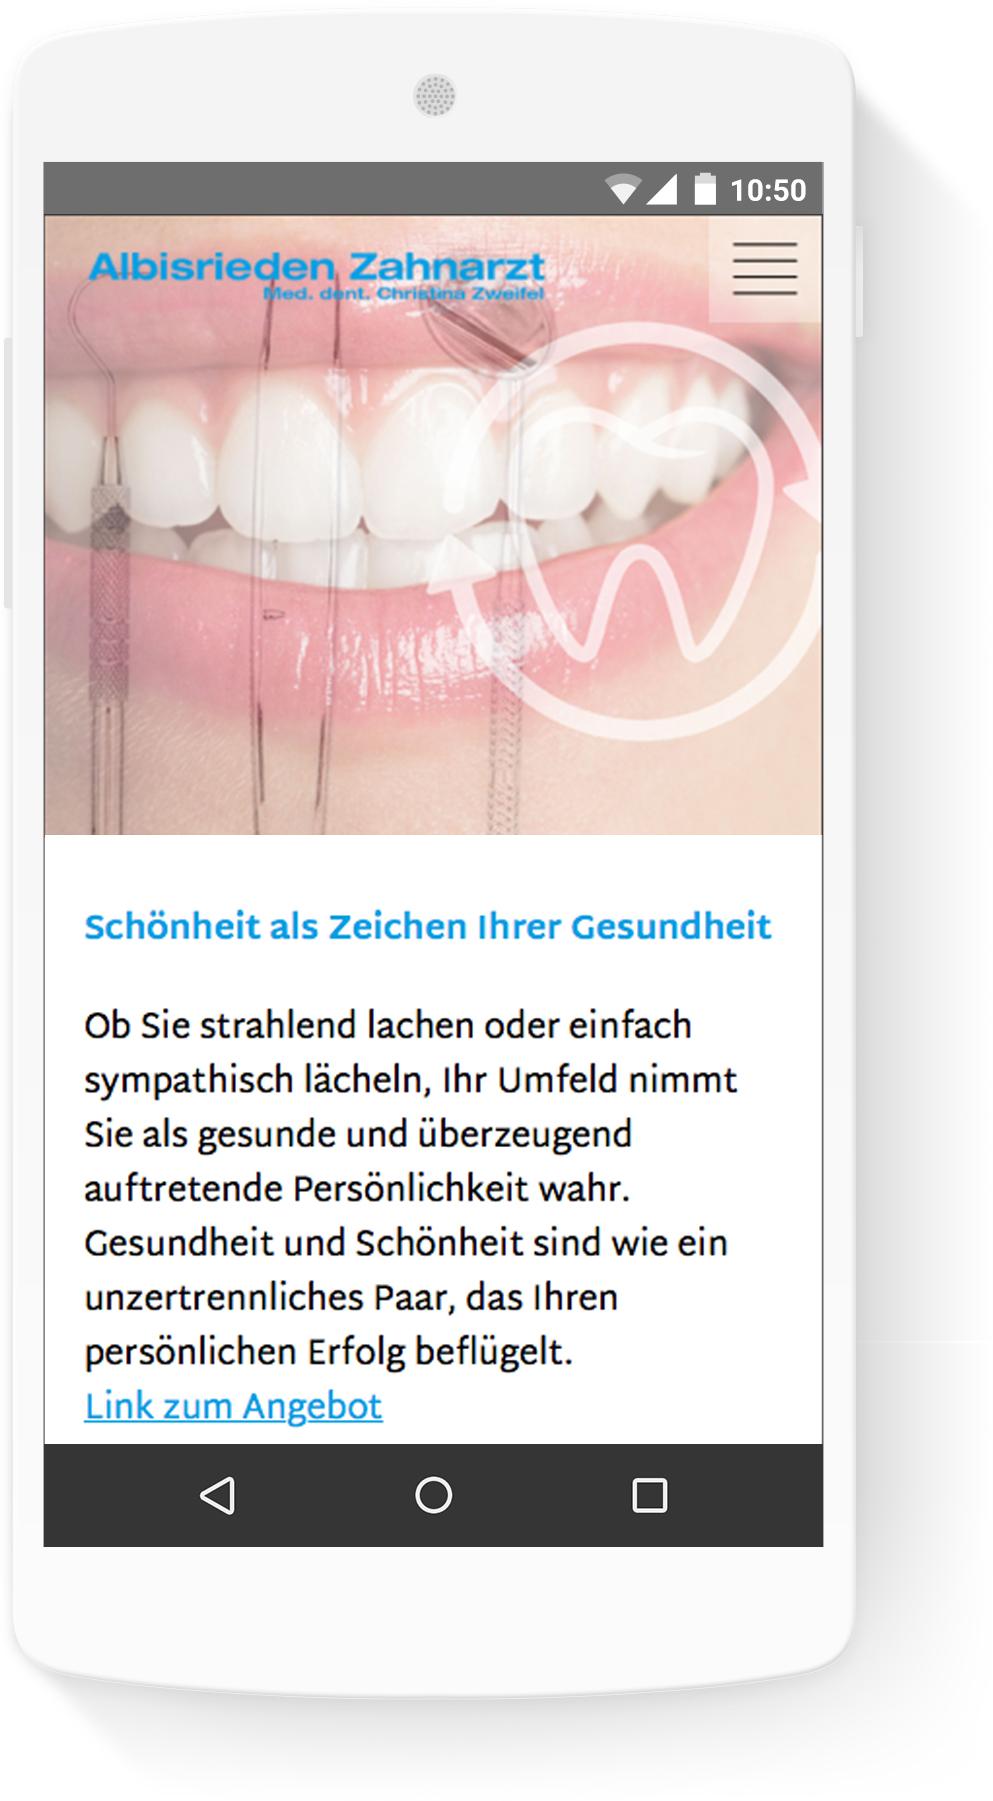 Albisrieden Zahnarzt